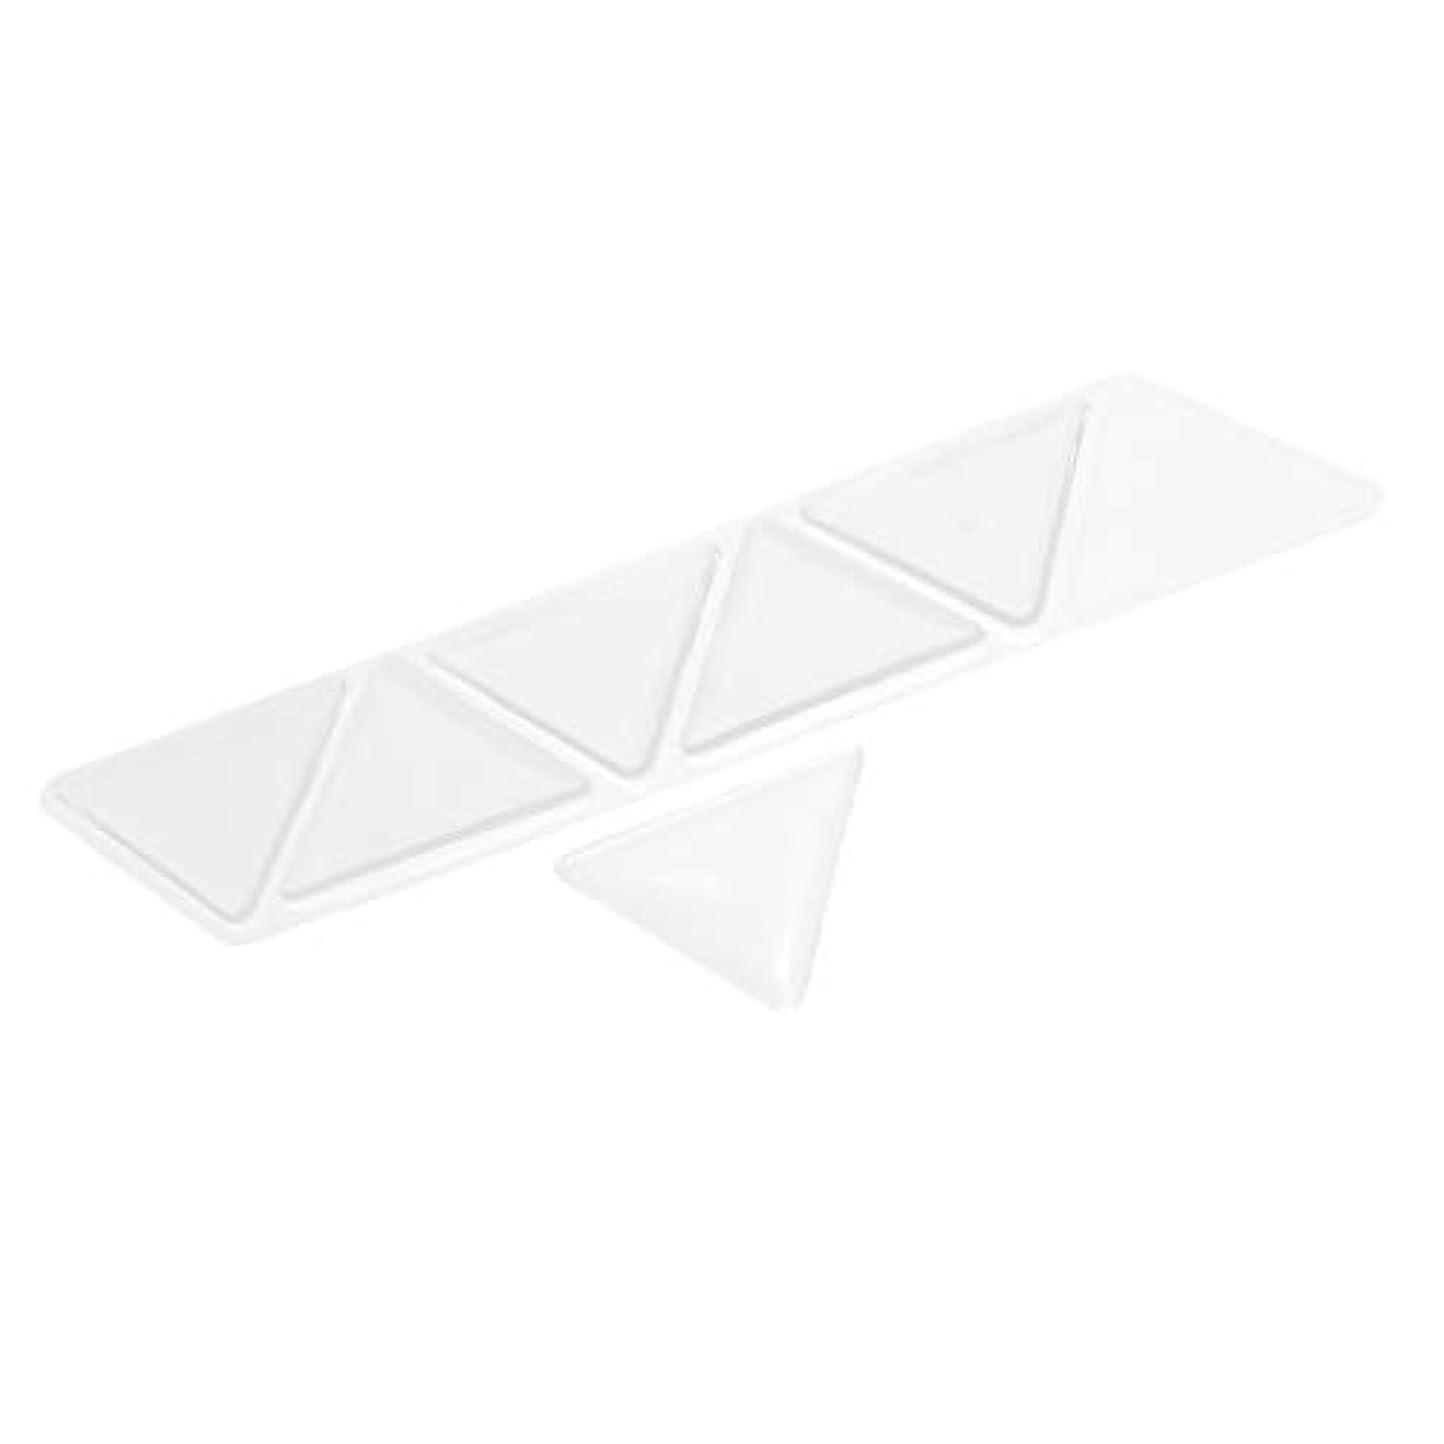 スキャン夜明けに追い払うdailymall 額 パッド アンチリンクル シリコーン パッチスキンケア 三角パッド 4.5×4cm 6個入